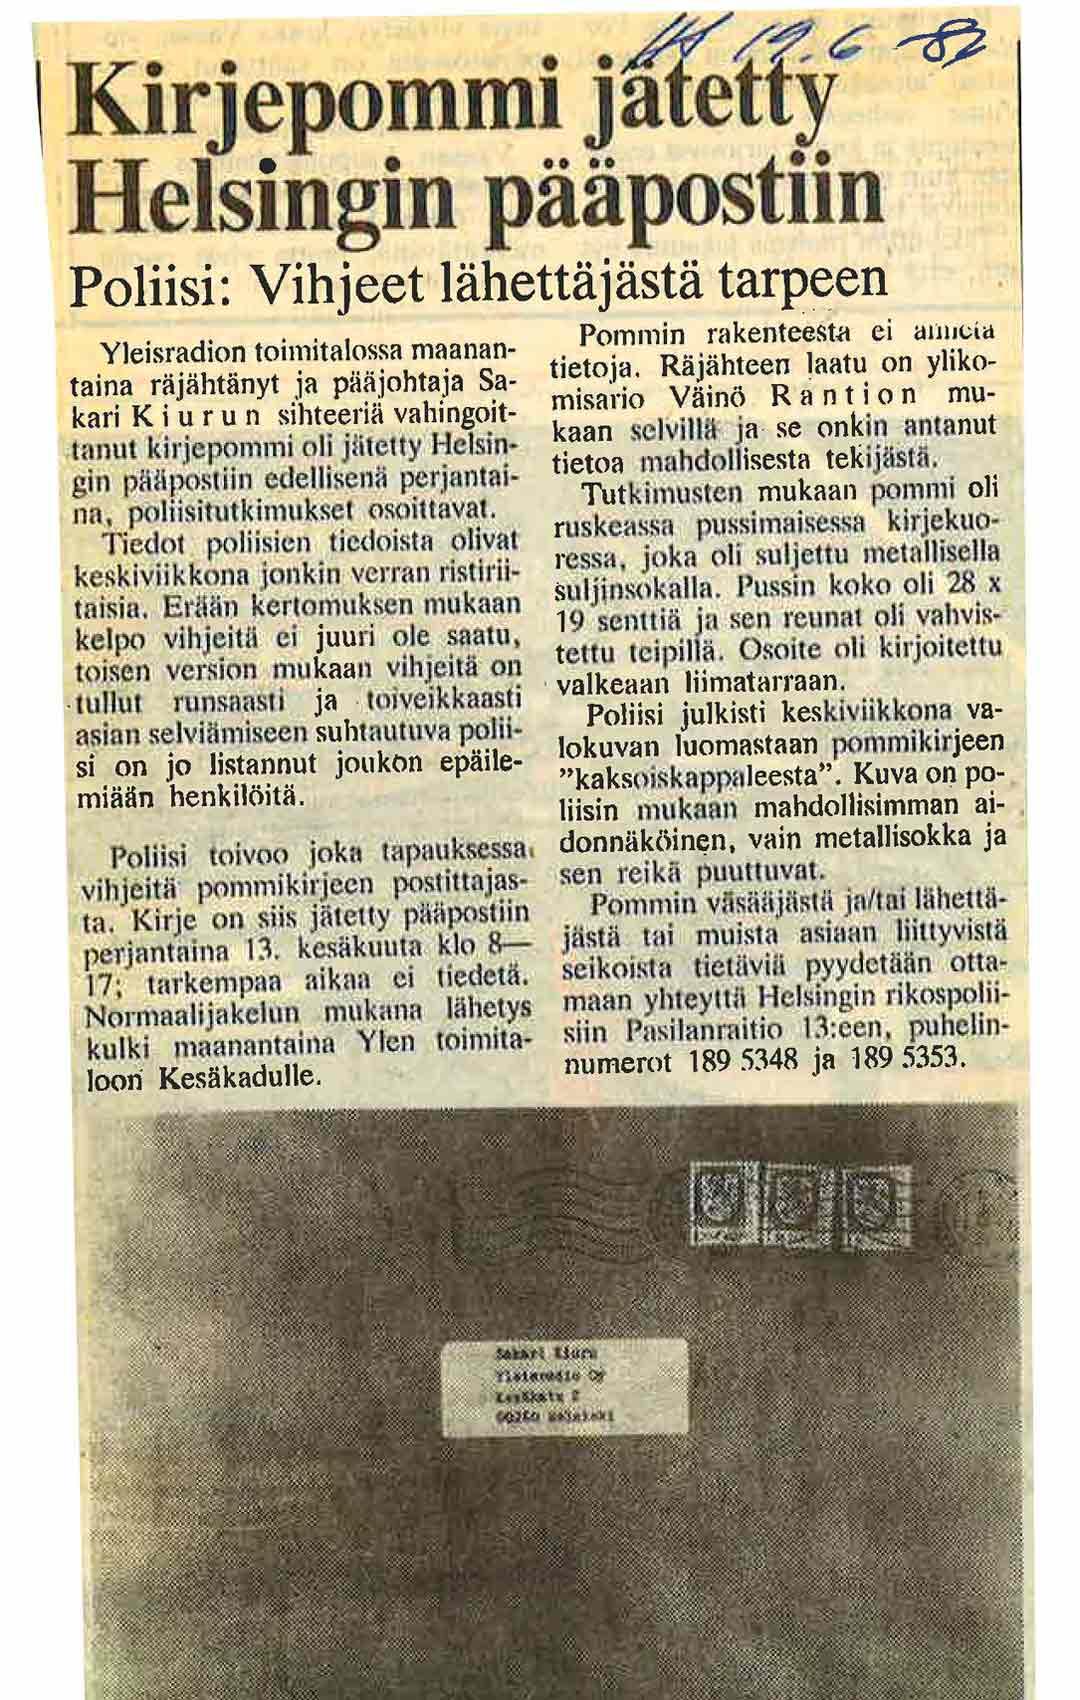 Kesäkuussa 1986 Suomea kohahdutti poikkeuksellinen rikos: Yleisradion pääjohtaja Sakari Kiurulle lähetetty kirjepommi.